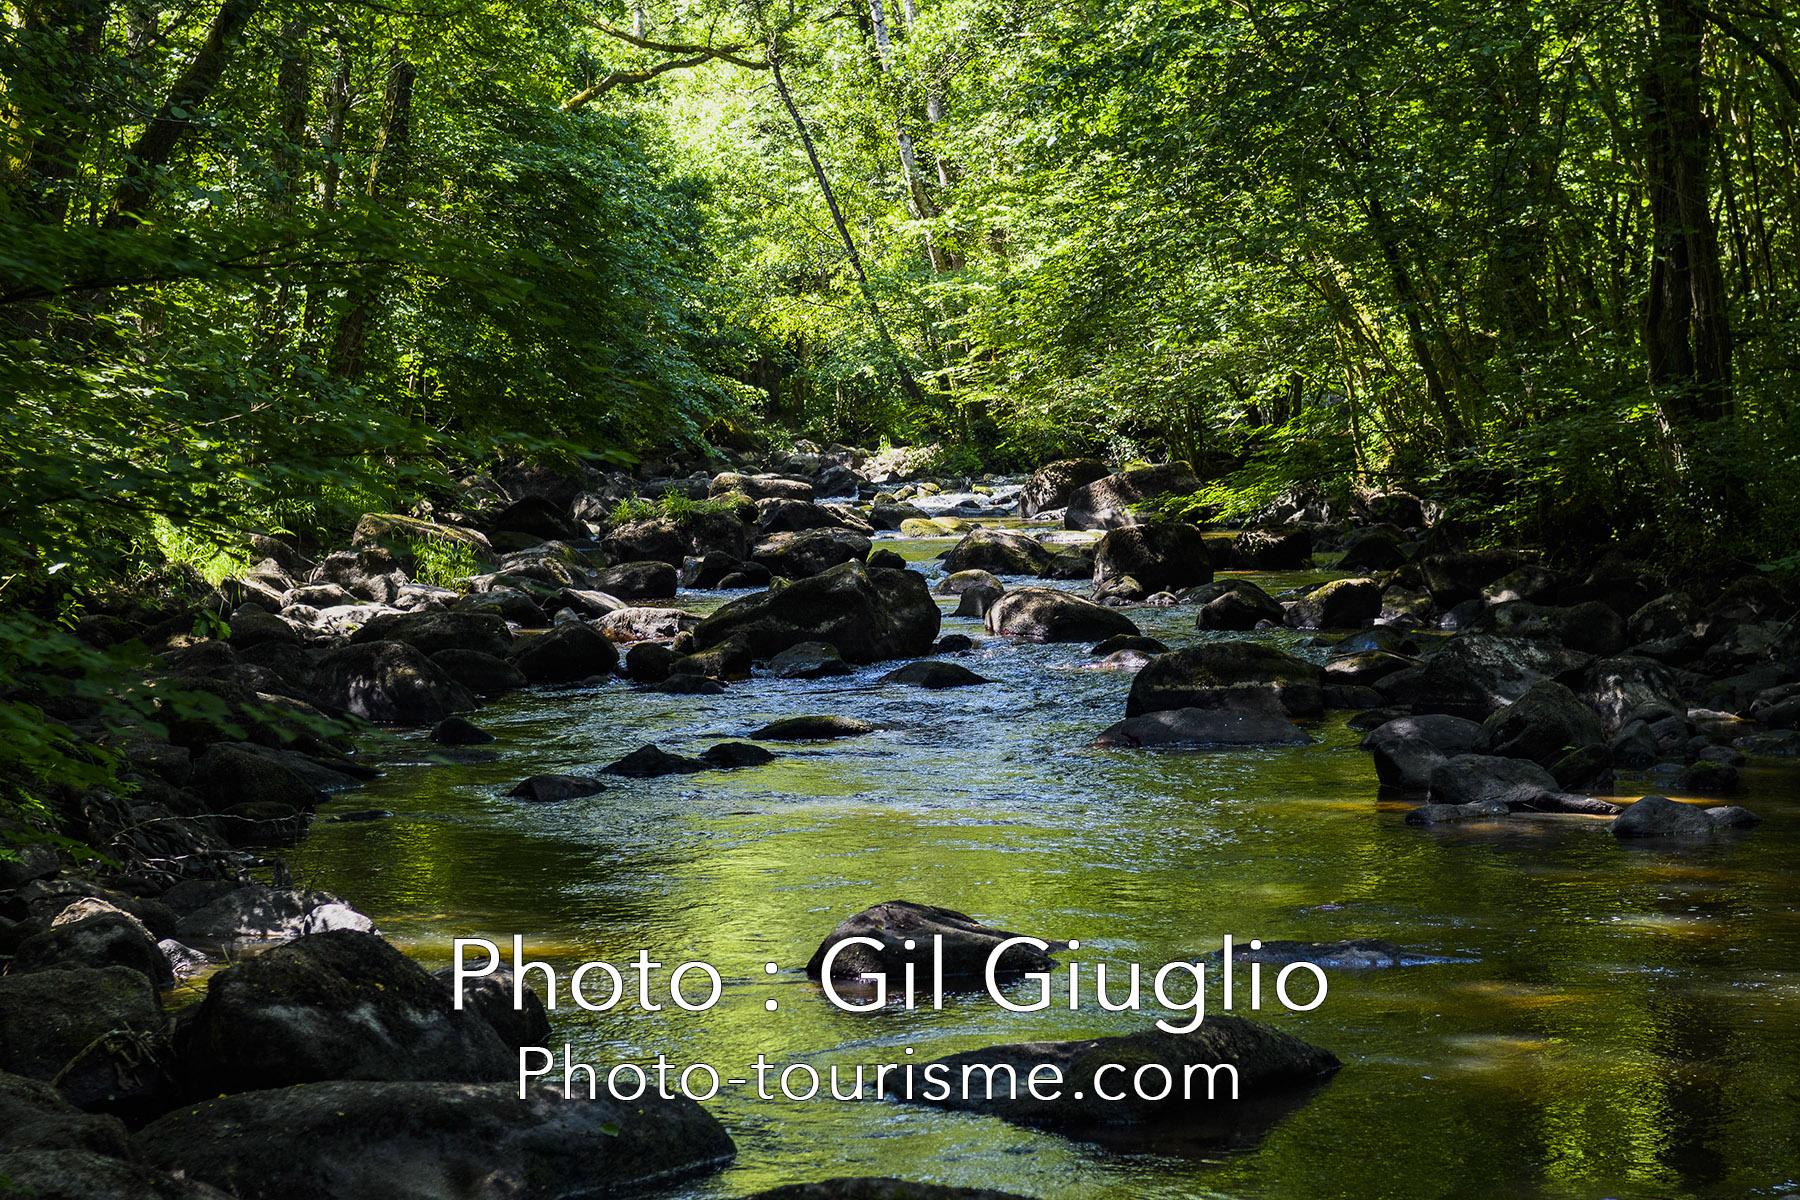 La rivière Rouvre sous les sous bois